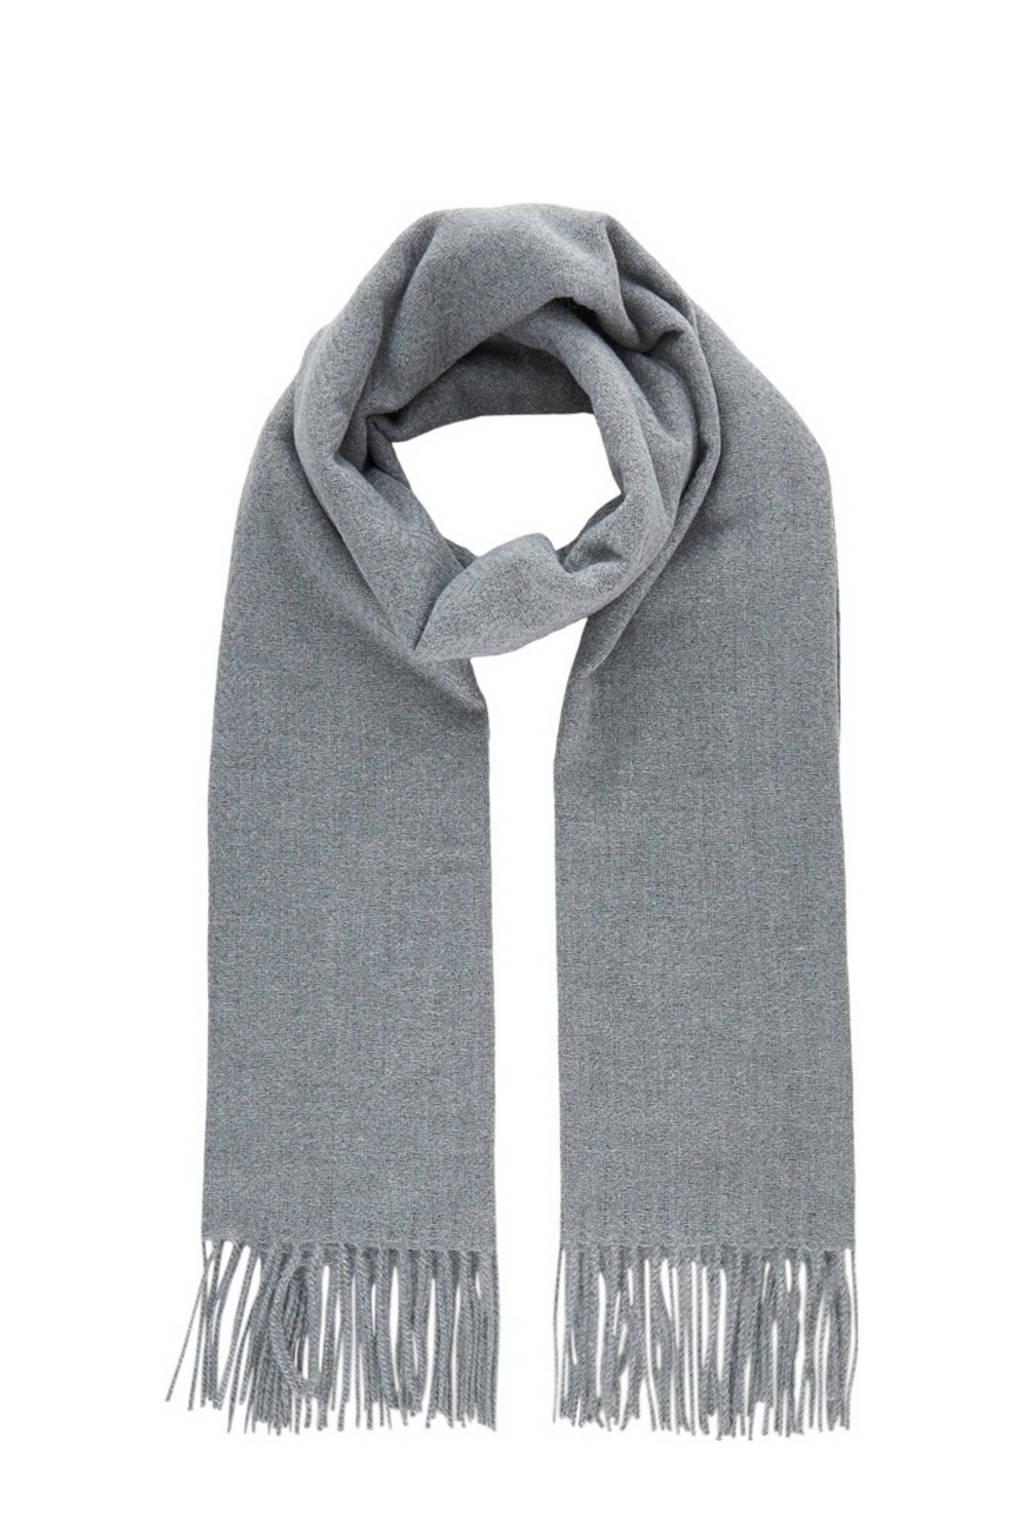 PIECES sjaal met franjes grijs, Grijs